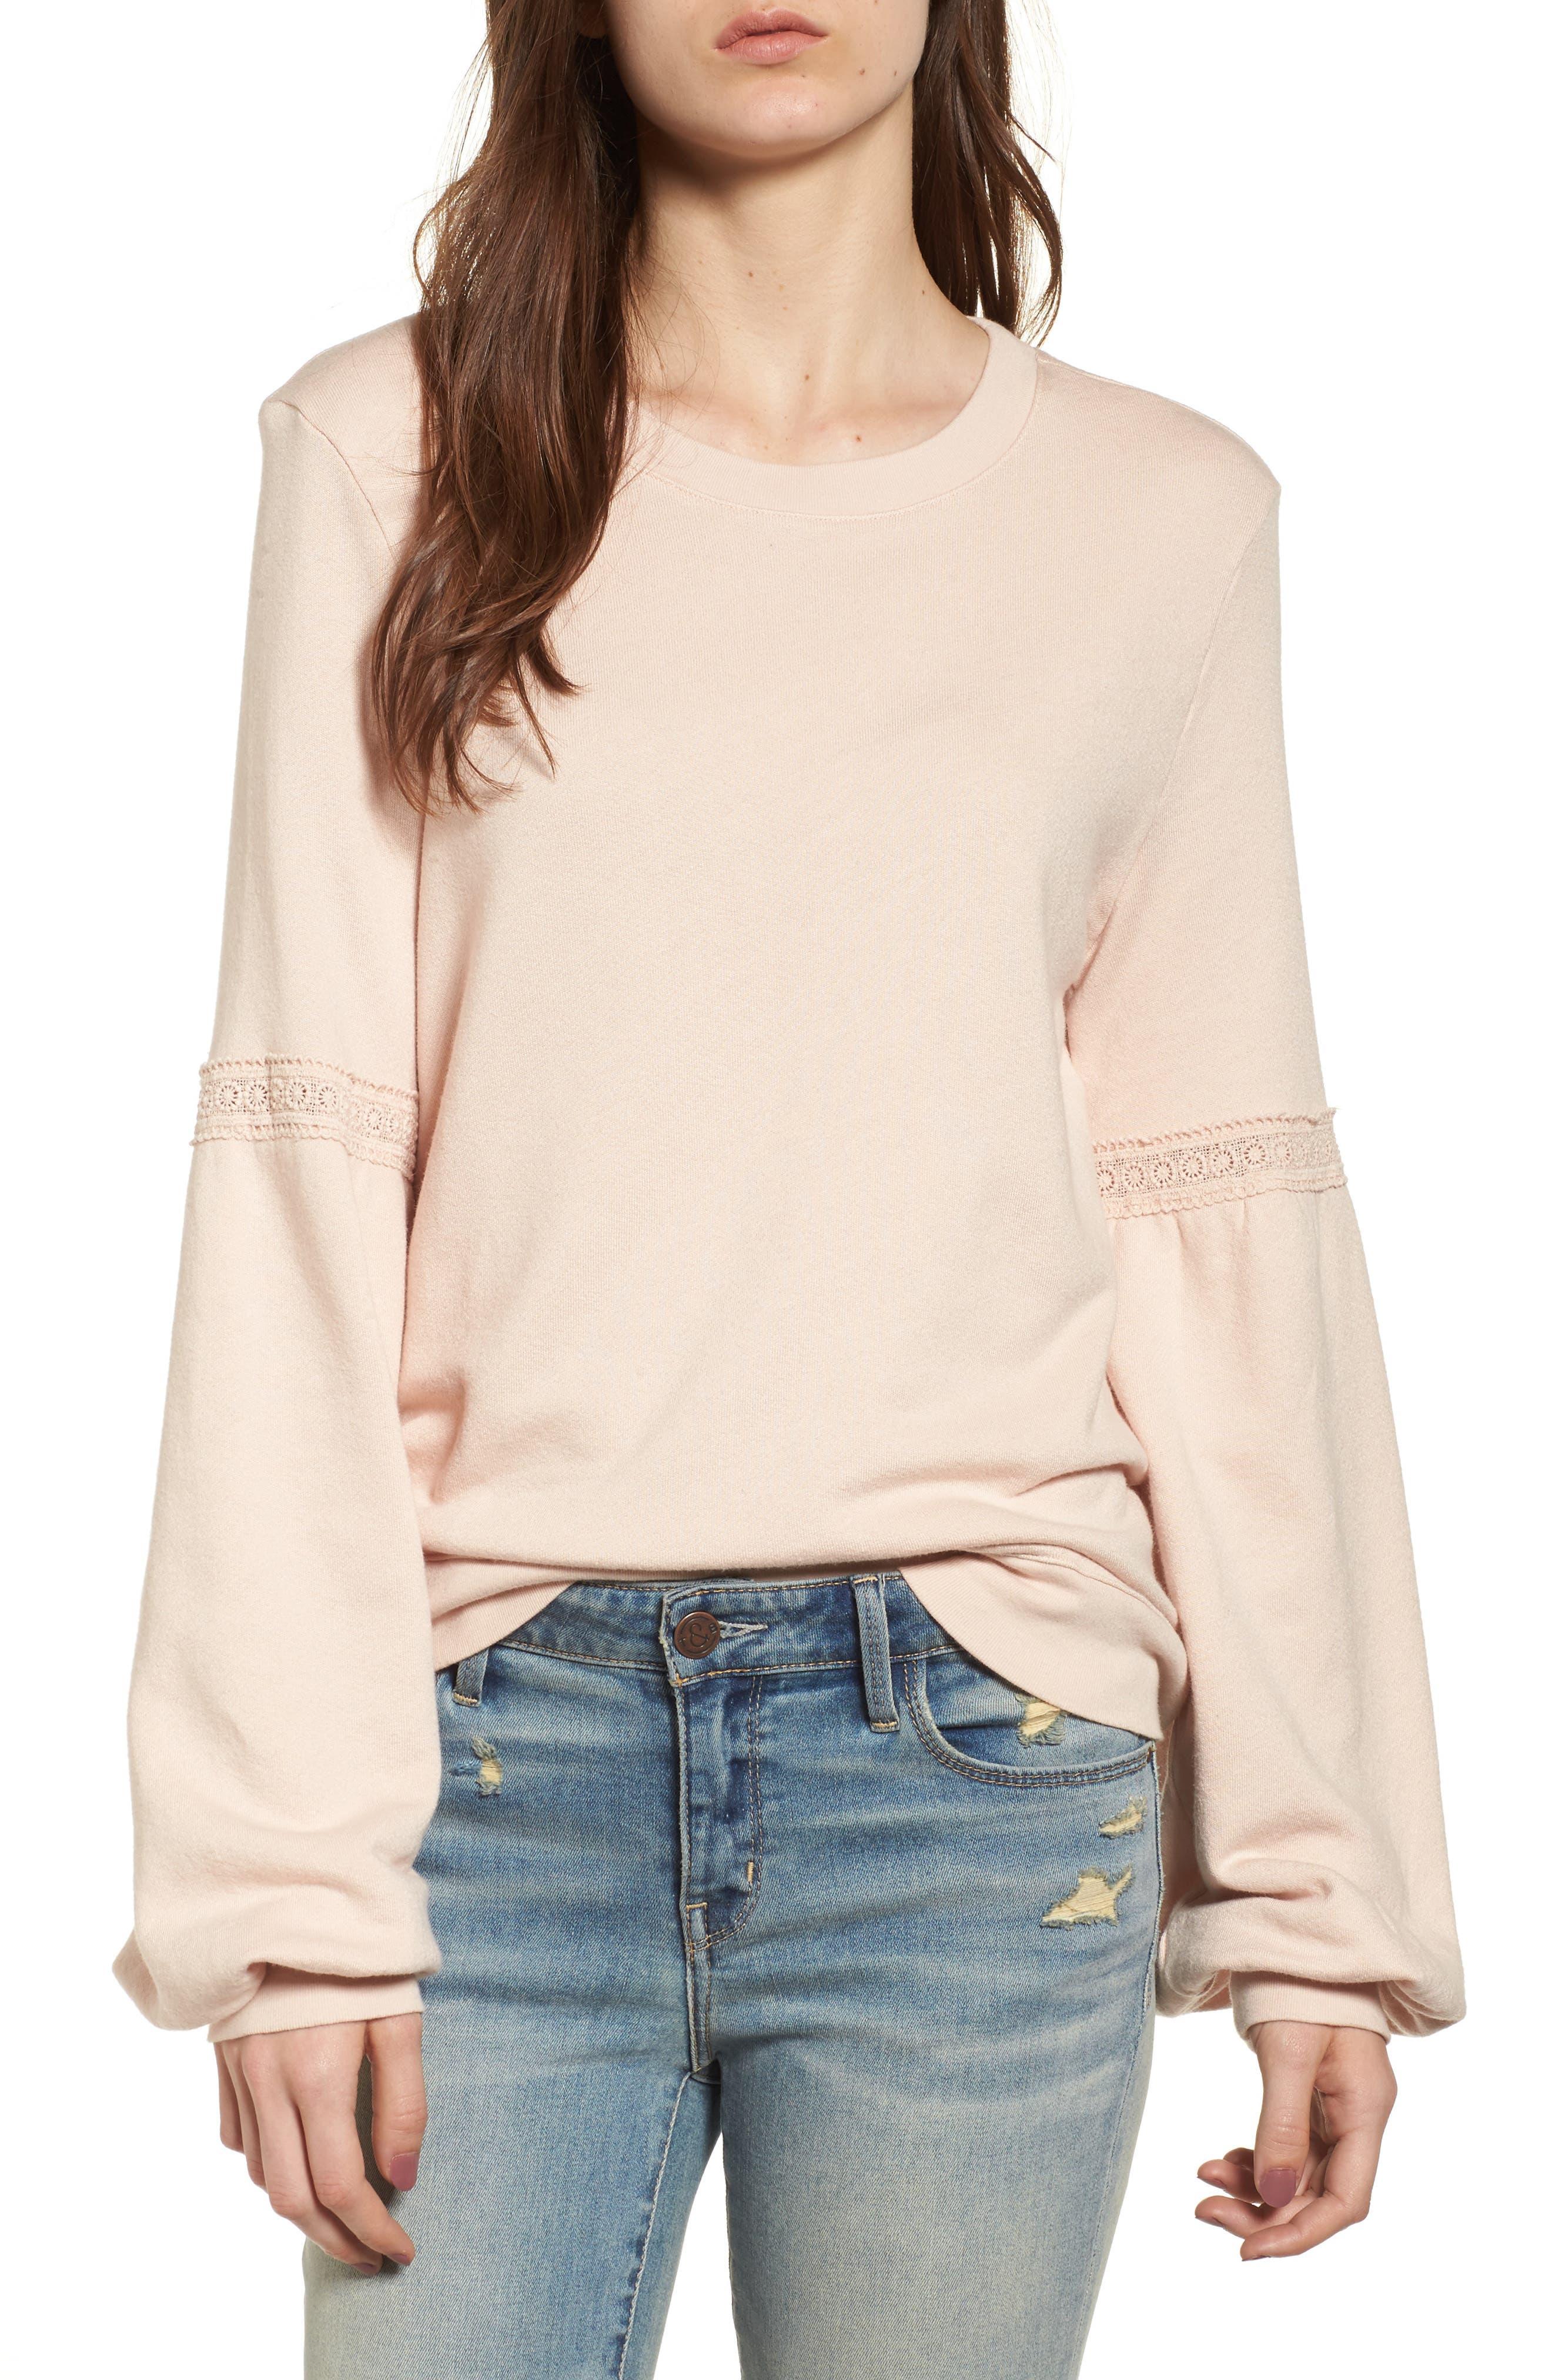 Blouson Sleeve Sweatshirt,                         Main,                         color, Ivory Shell